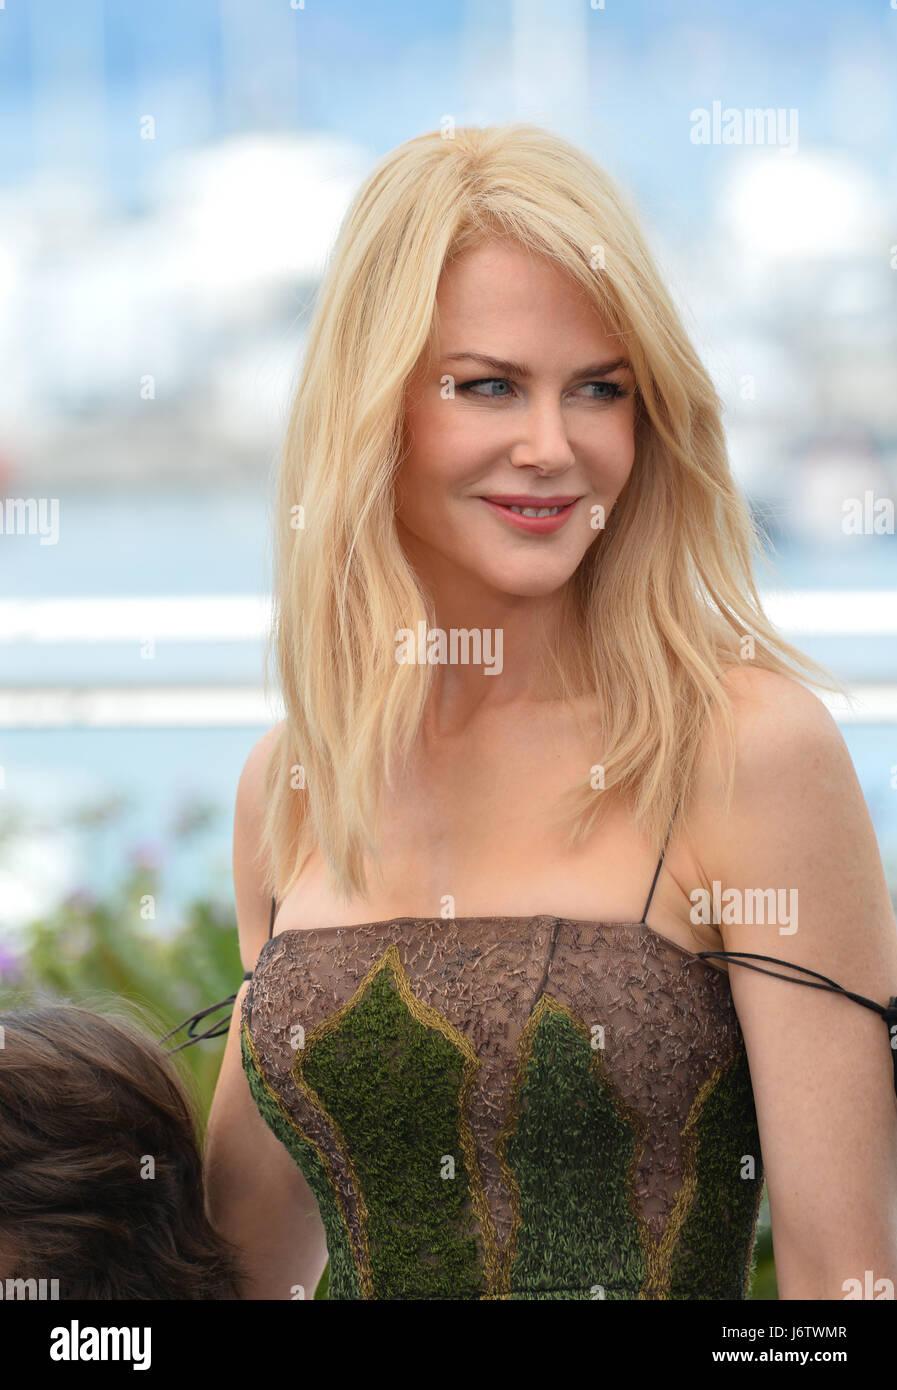 """Cannes, Frankreich. 22. Mai 2017. Nicole Kidman bei den Fototermin für """"The Killing einen Heiligen Hirsch"""" auf der Stockfoto"""